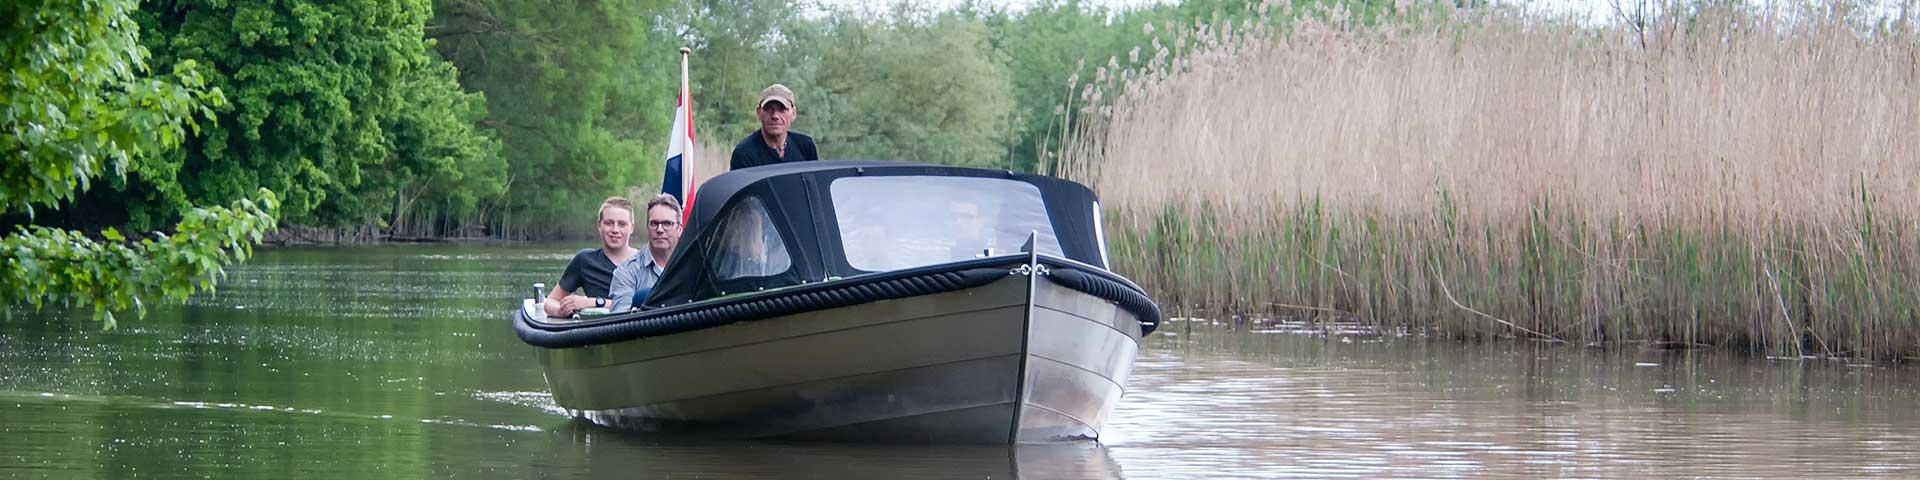 Boot huren in de Biesbosch